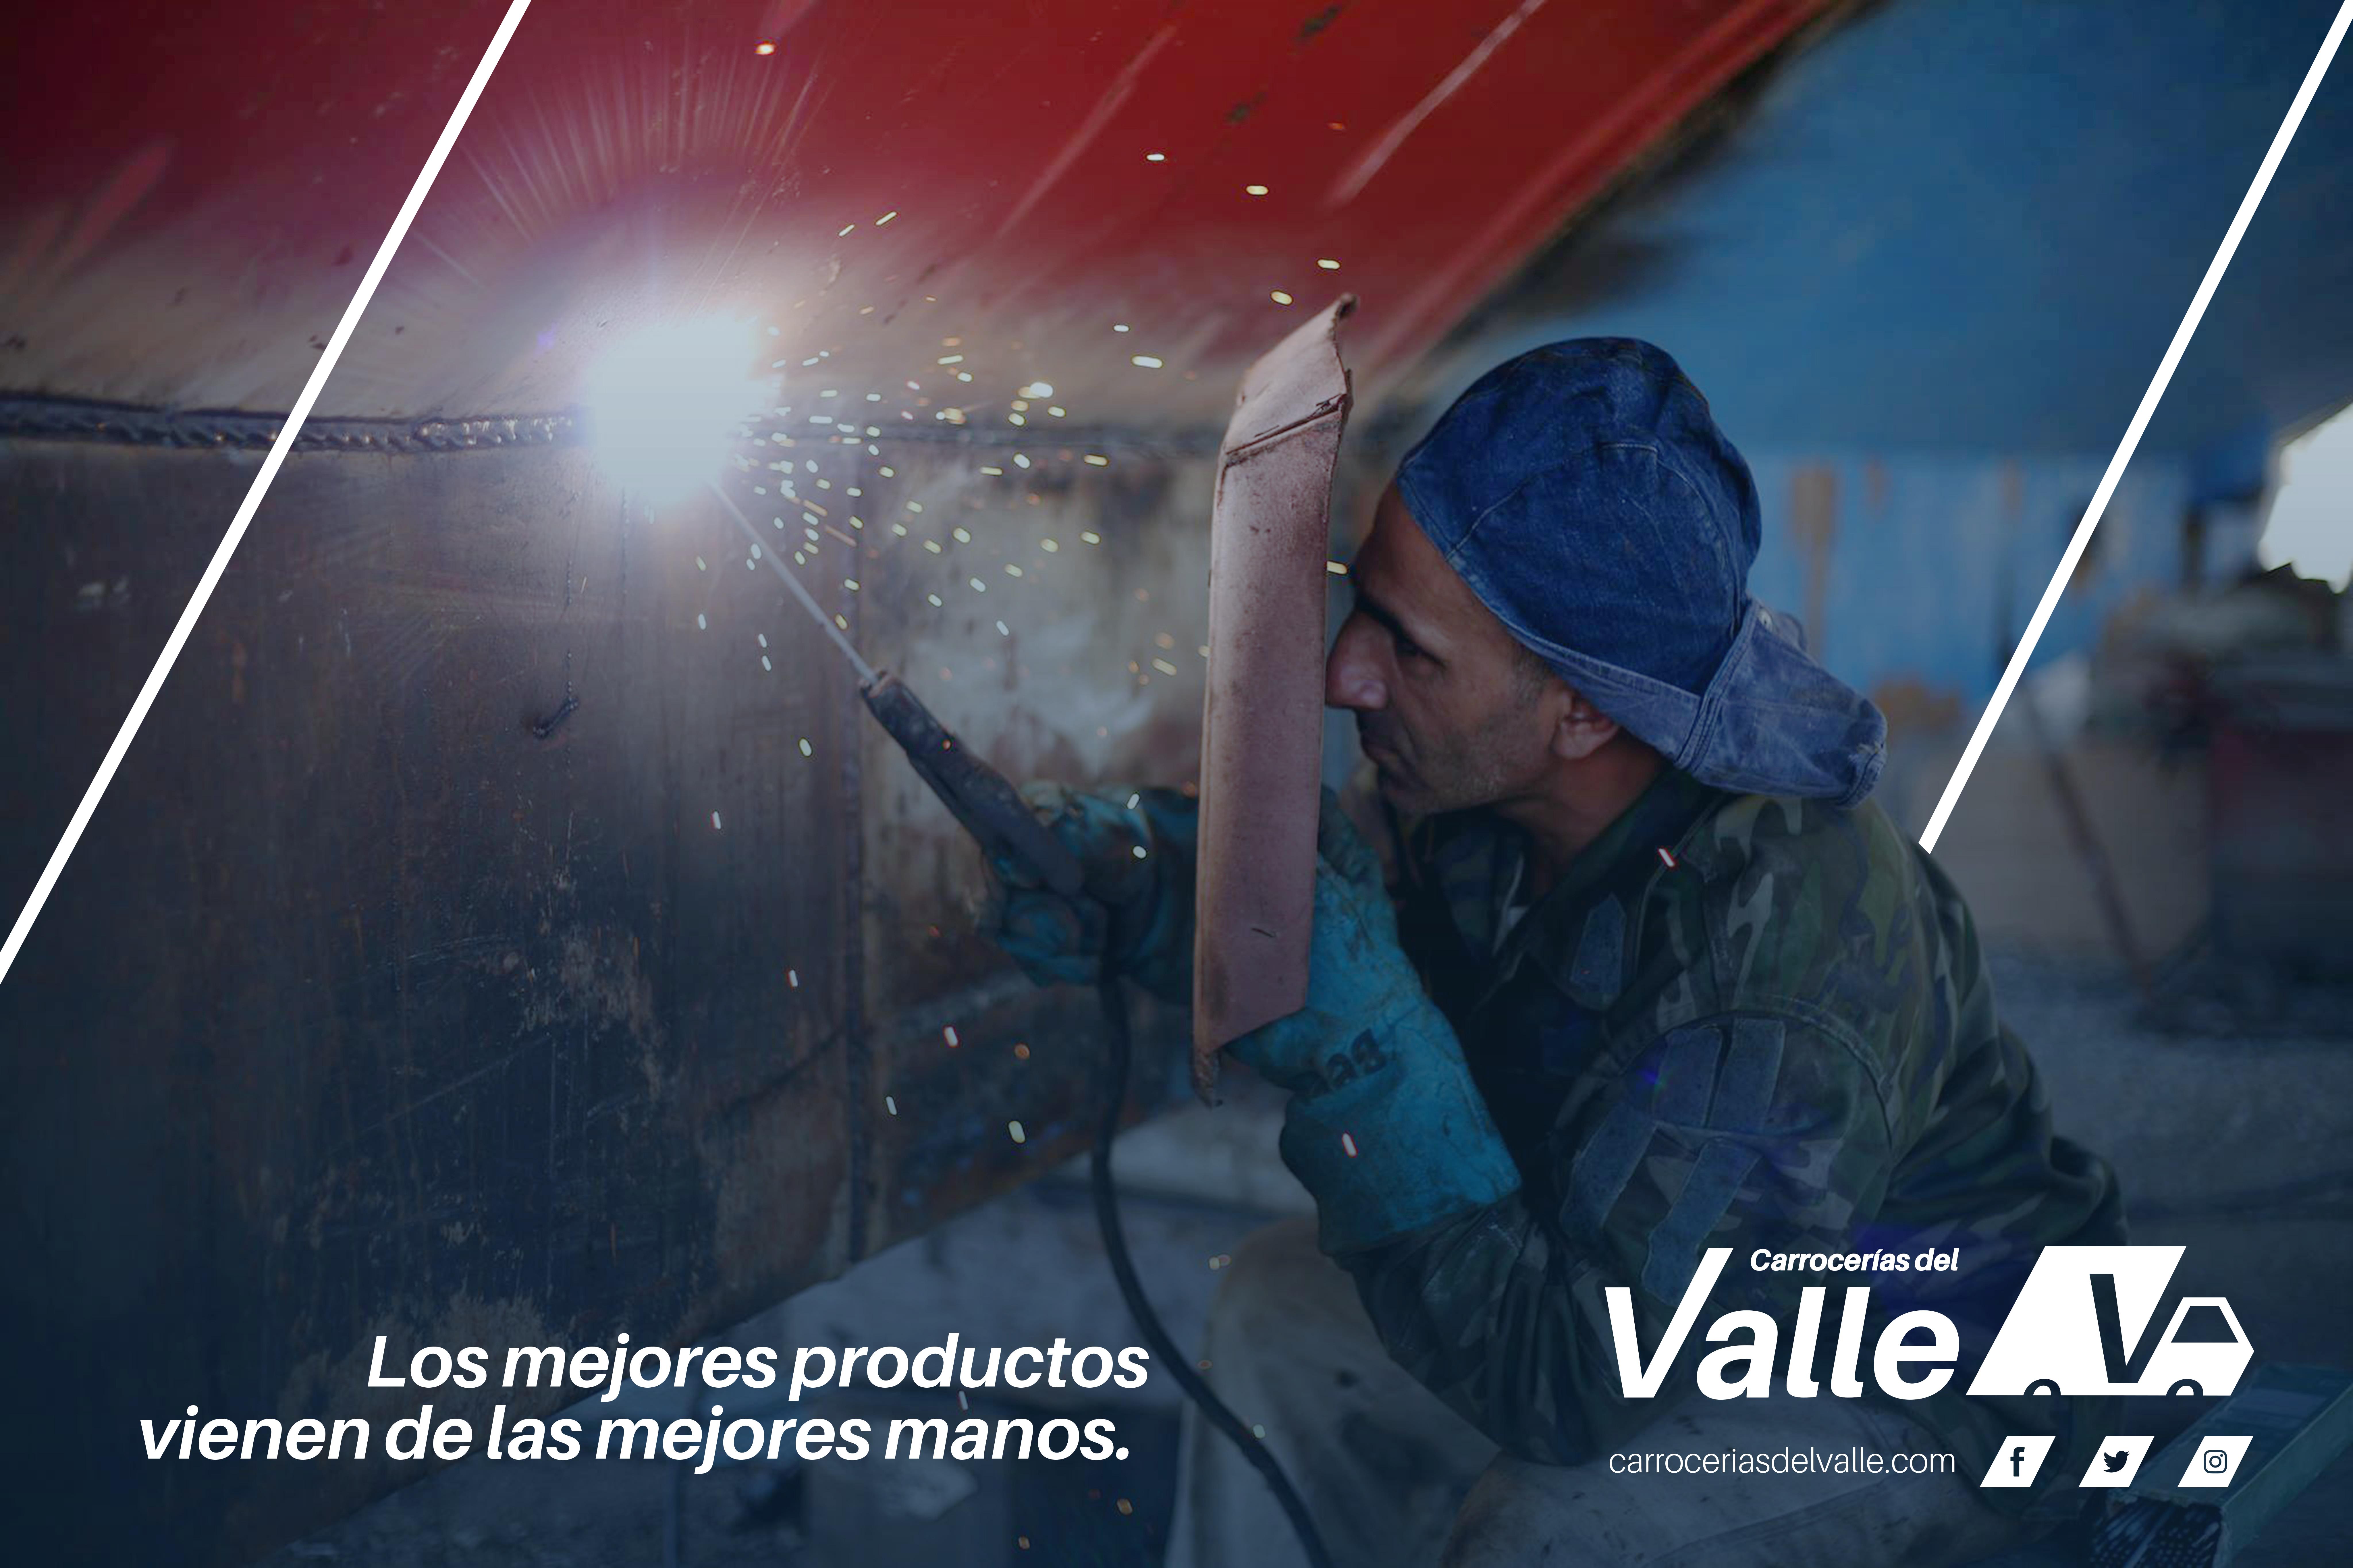 mejores_productos_carrocerias_